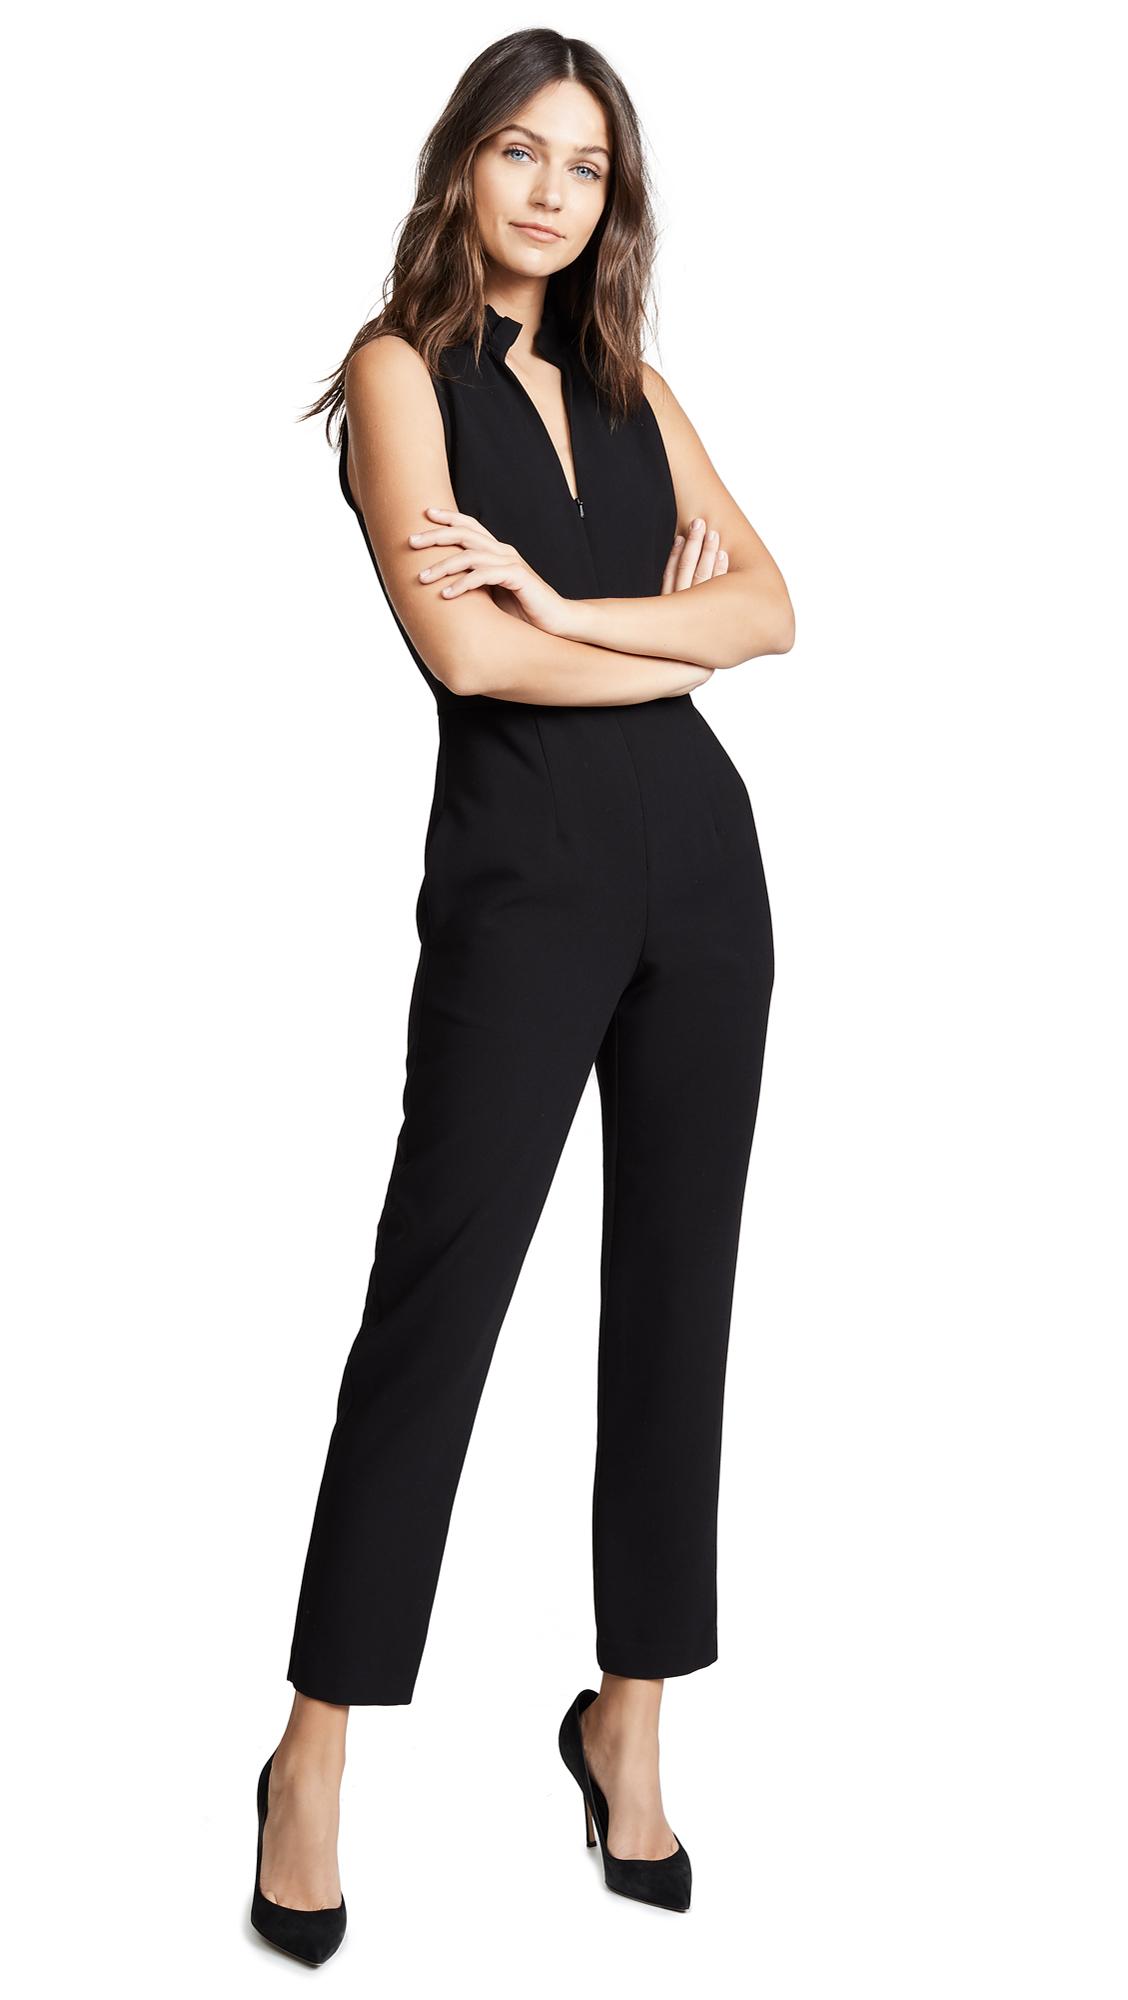 Antoinette Sleeveless Jumpsuit in Black